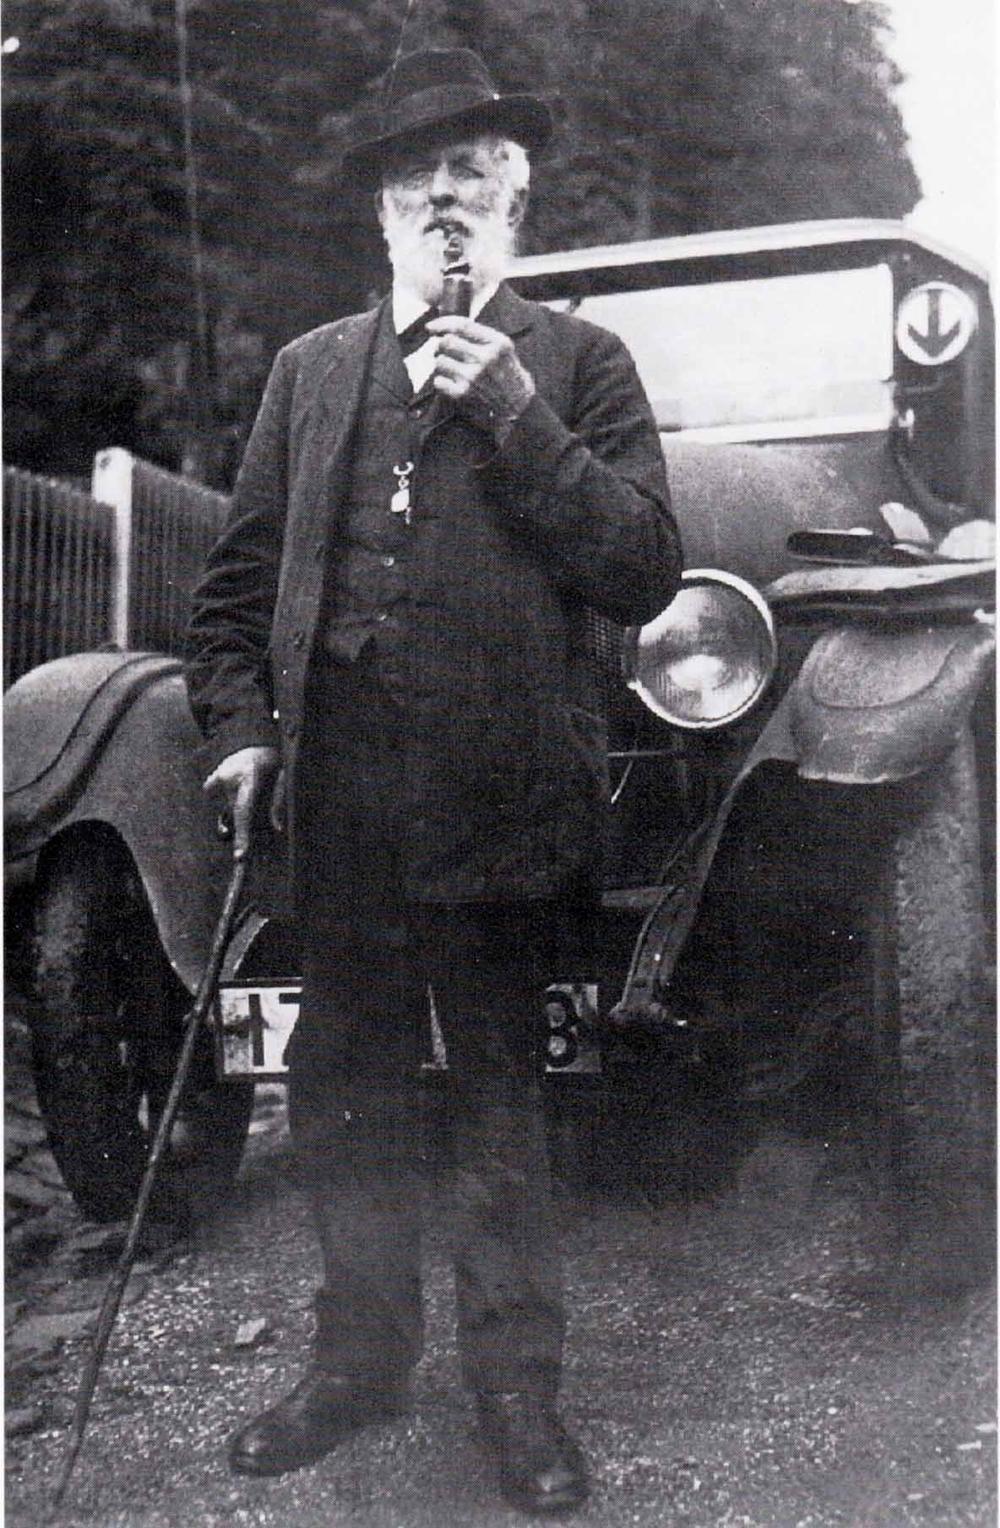 Friedrich Wilhelm Blech, Kolonialwarenhändler im Auelerhof vor seinem Auto